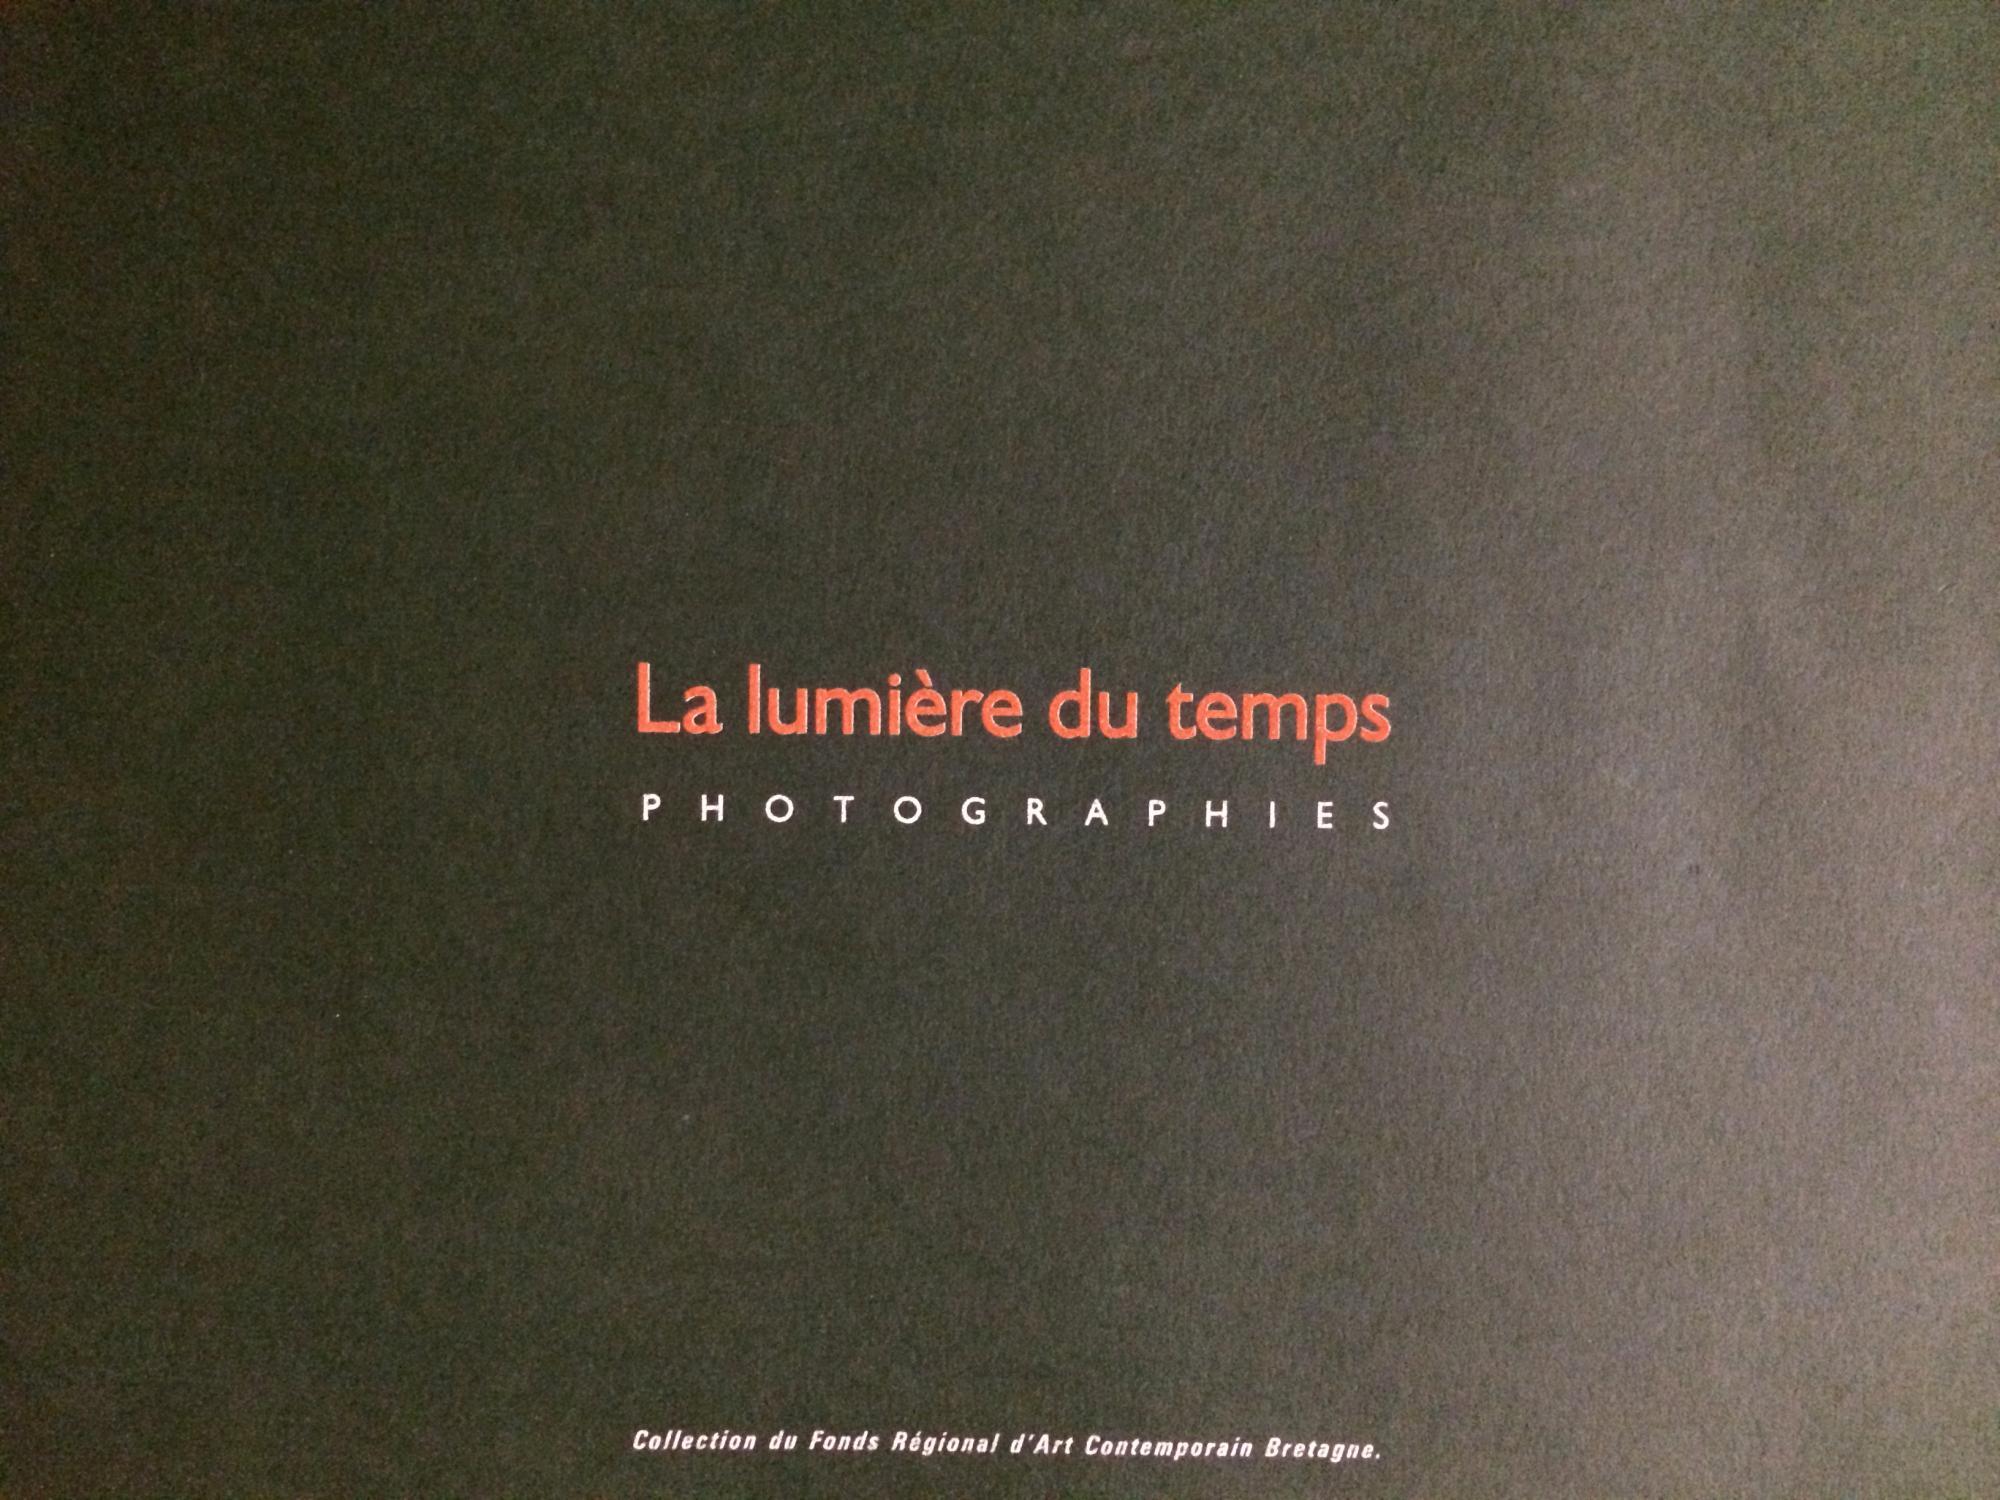 La Lumière Du Temps la lumière du temps photographies - dieter appelt - lewis baltz